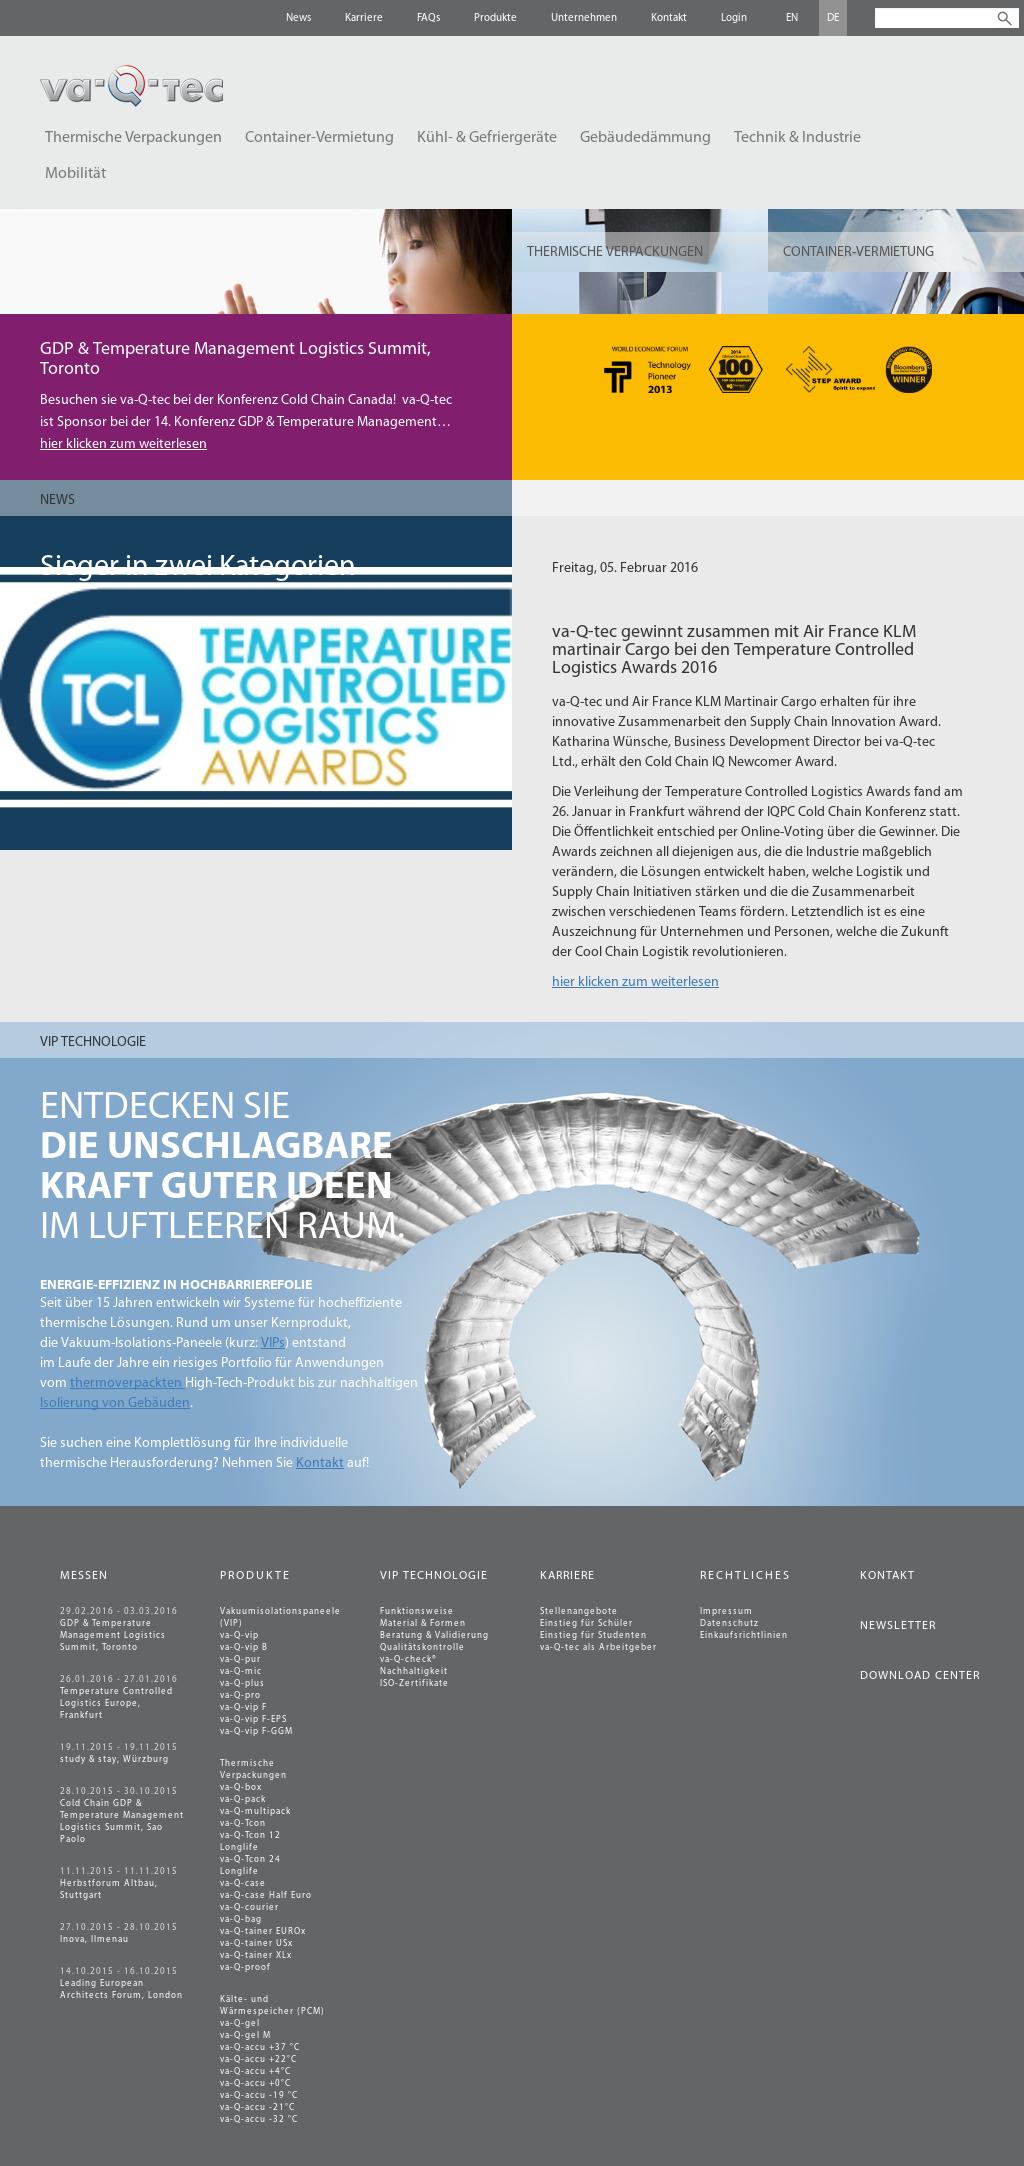 Va-Q-tec Competitors, Revenue and Employees - Owler Company